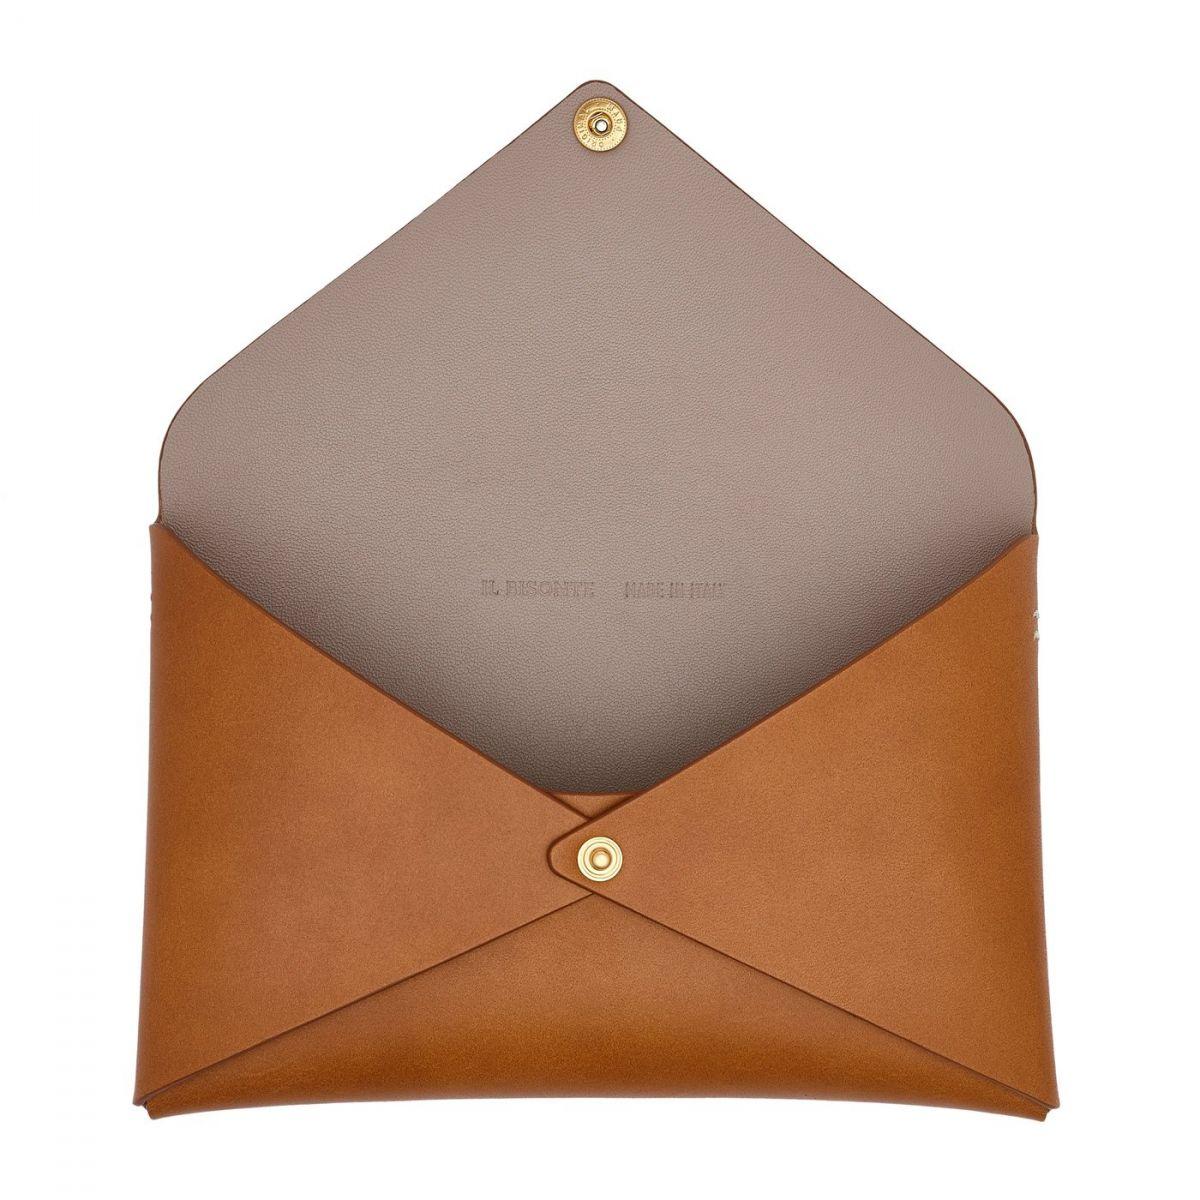 Titania - Women's Shoulder Bag  in Cowhide Leather BSH137 color Natural | Details